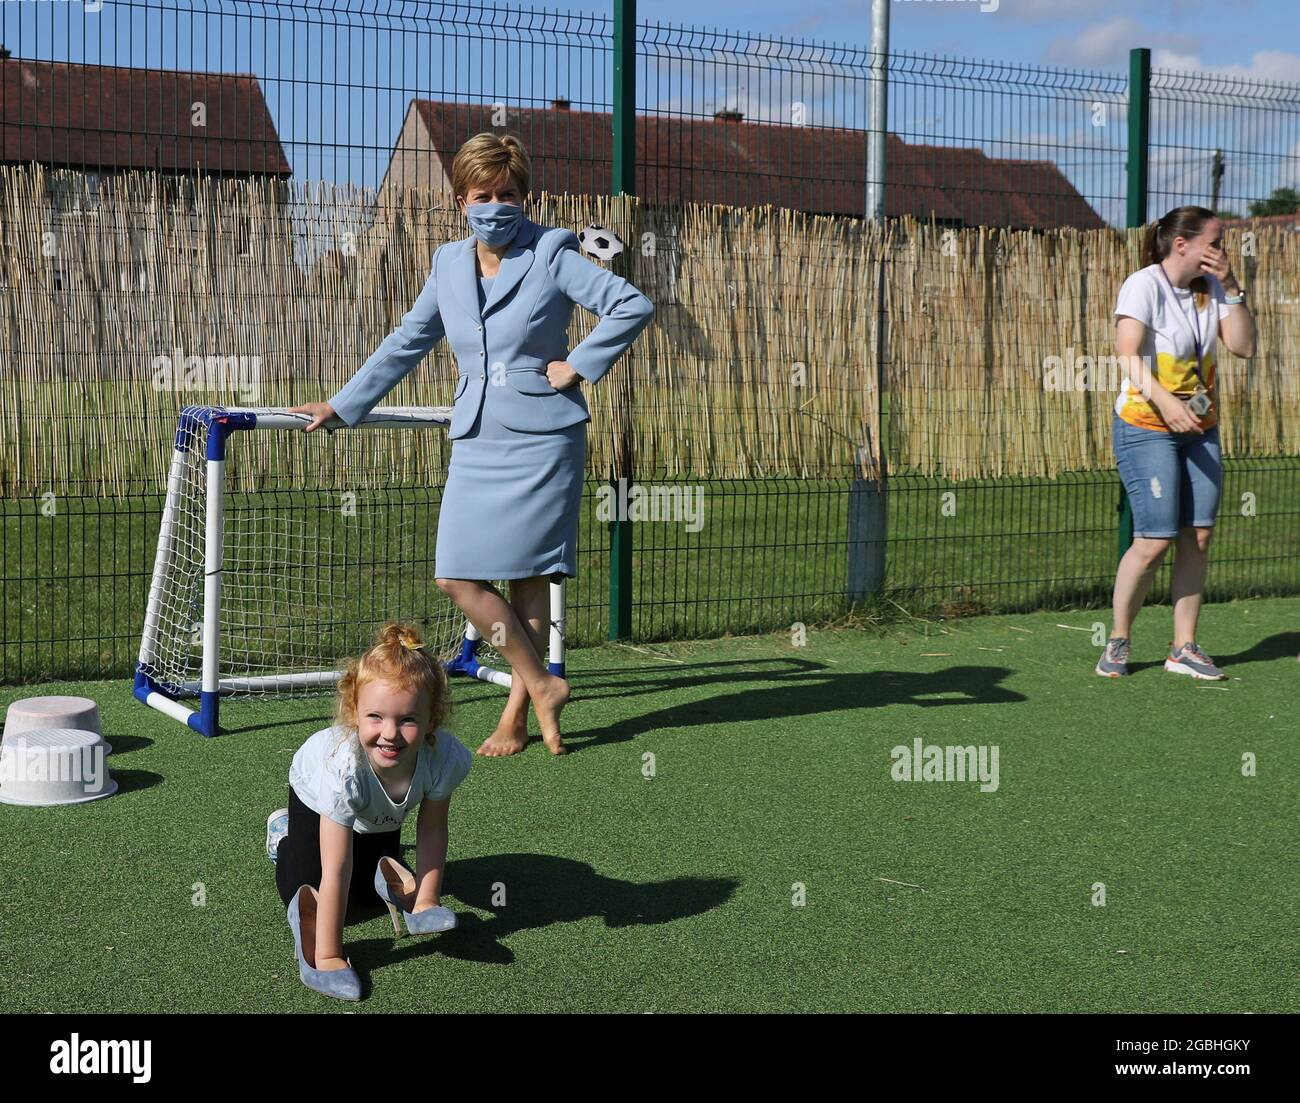 La Primera Ministra Nicola Sturgeon juega al fútbol durante una visita a la guardería de Fallin en Fallin, Stirlingshire. Fecha de la foto: Miércoles 4 de agosto de 2021. Foto de stock